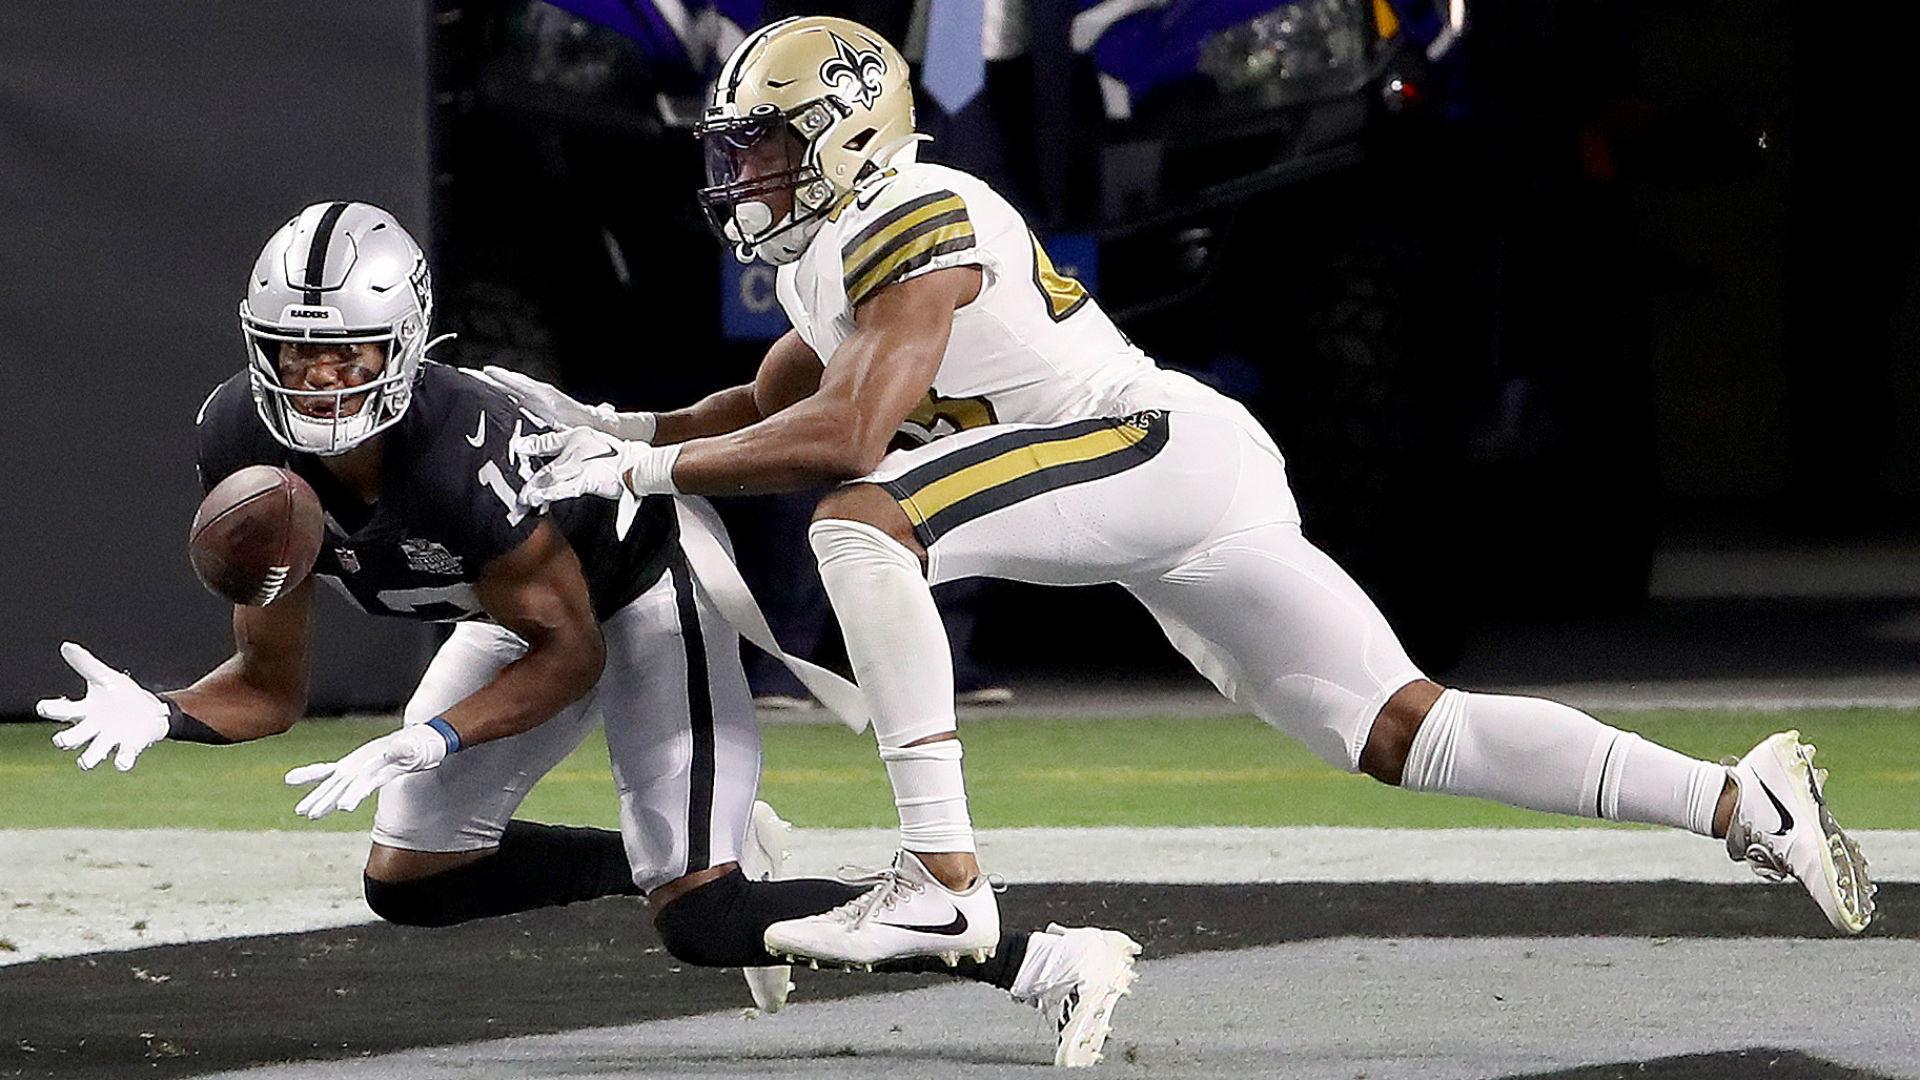 การจับใน NFL คืออะไร?